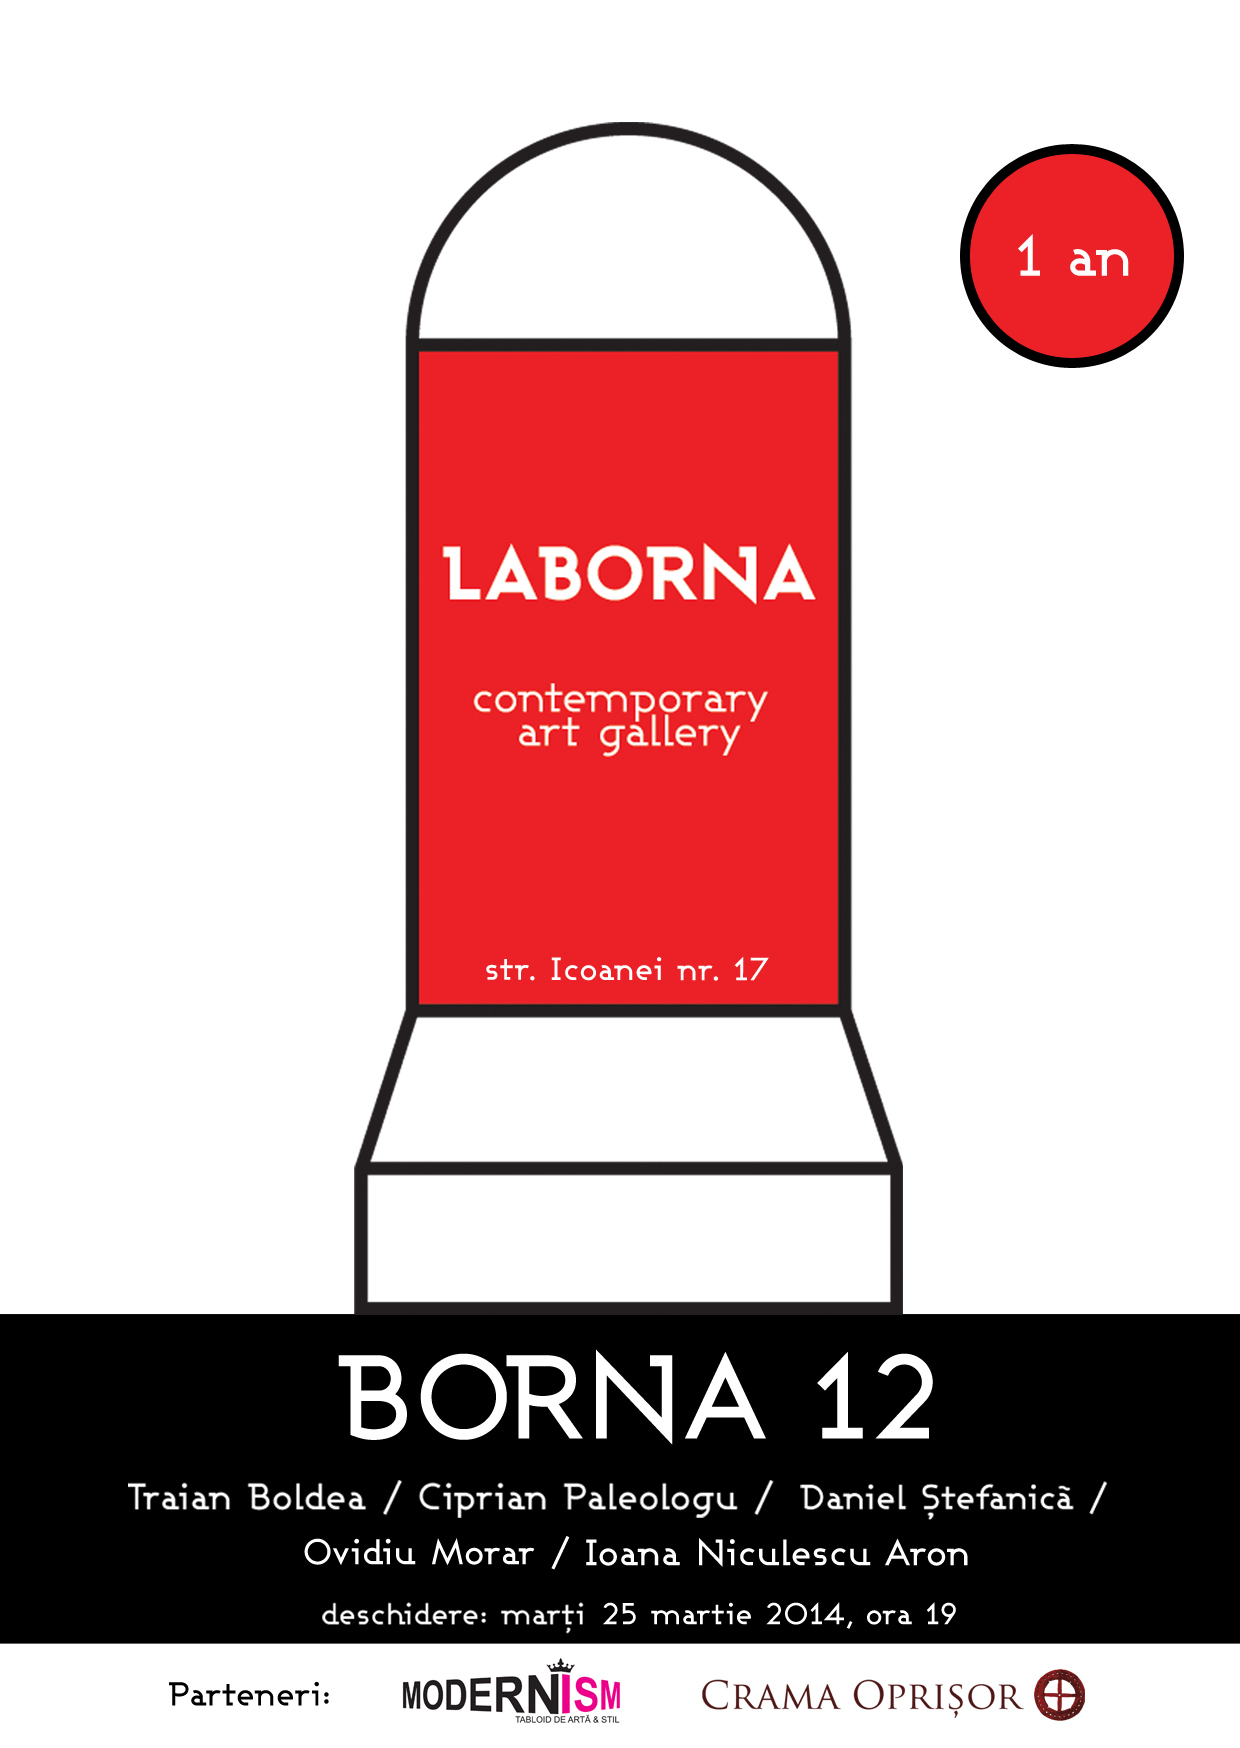 invitatie_BORNA12